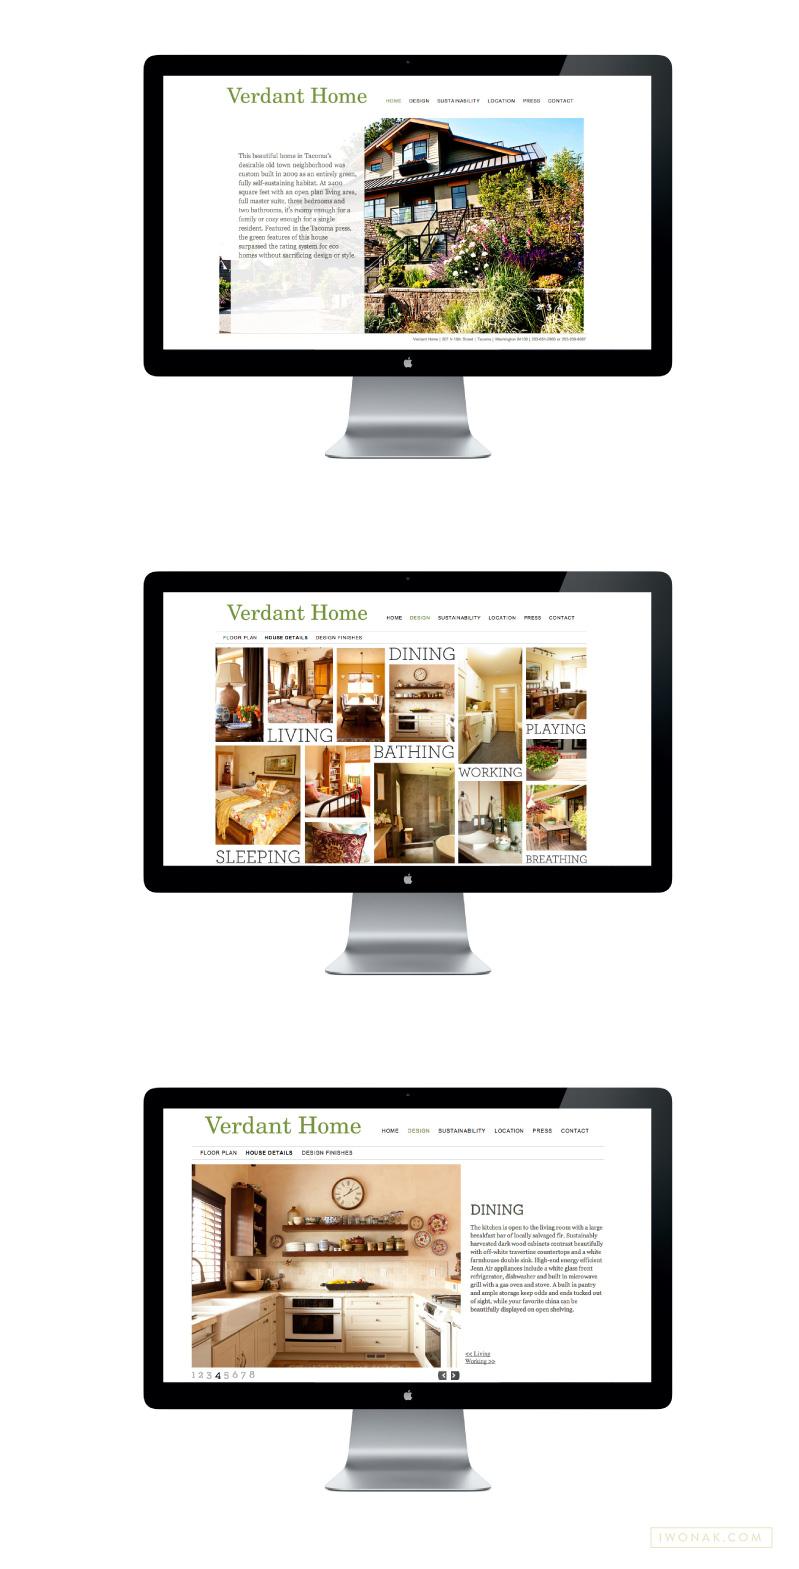 Verdant-Home-Web-Design-iwonak.com